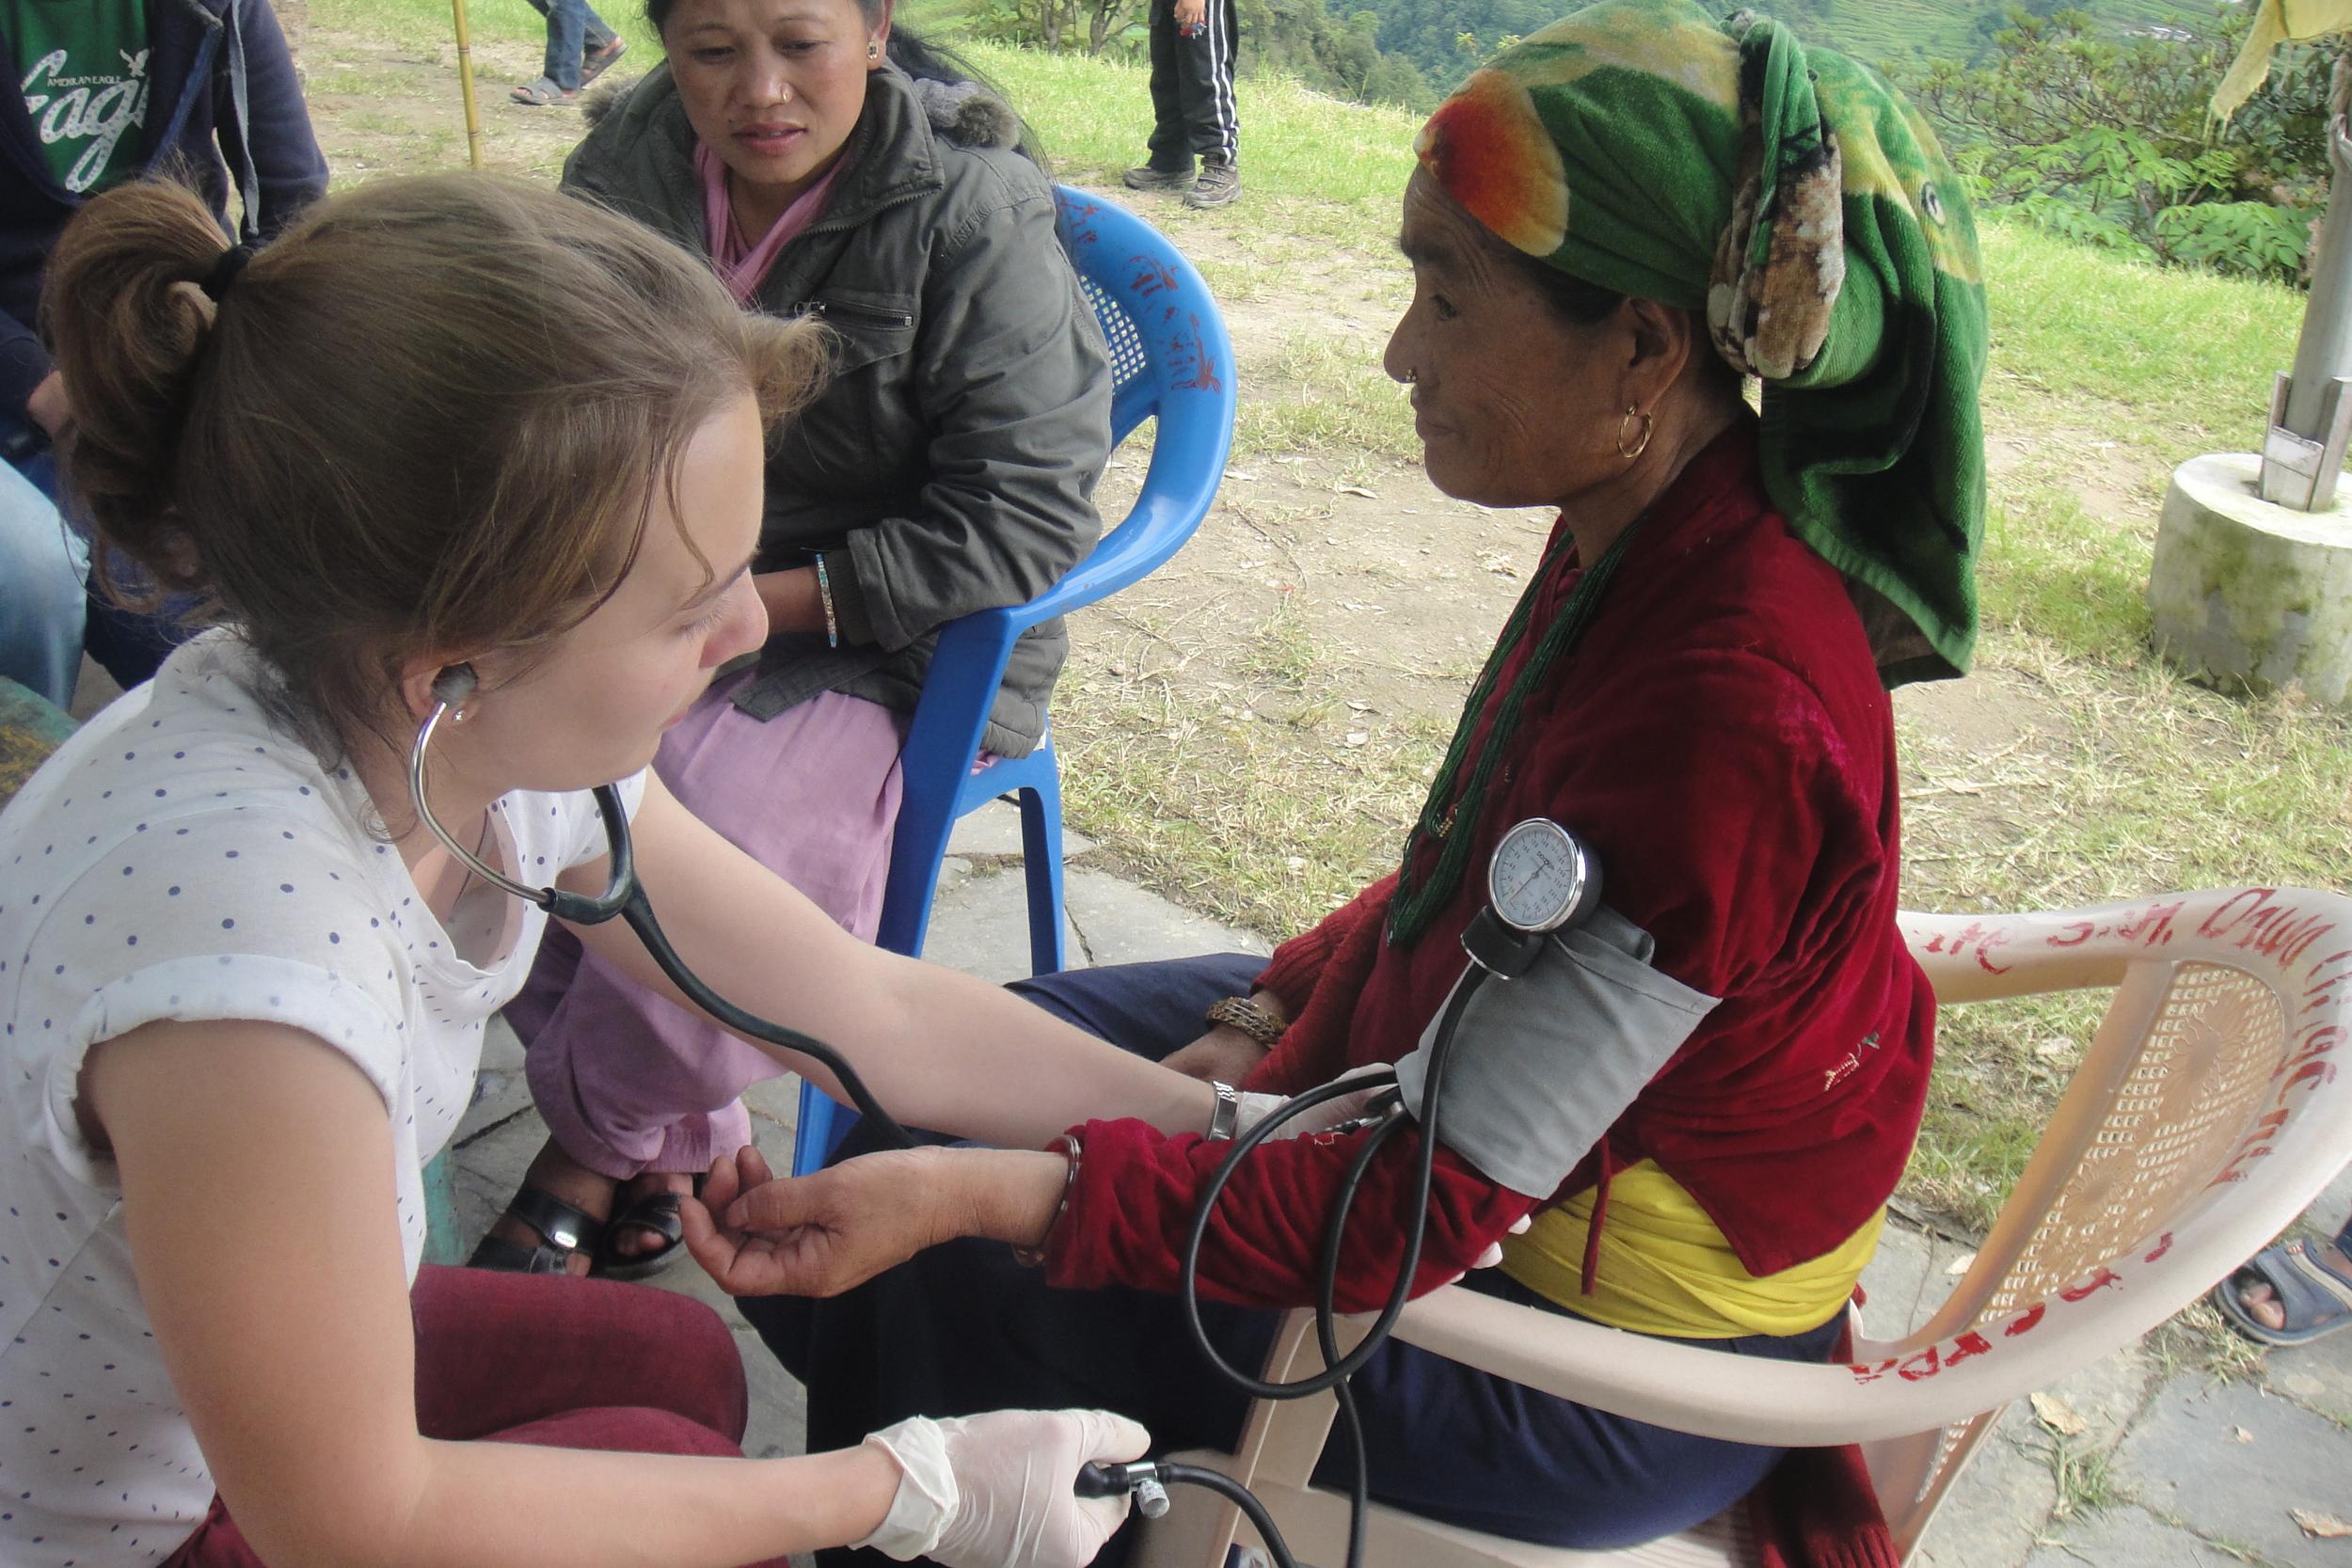 Volunteering_Camp_Medical_Adventure_Alternative_Nepal.JPG